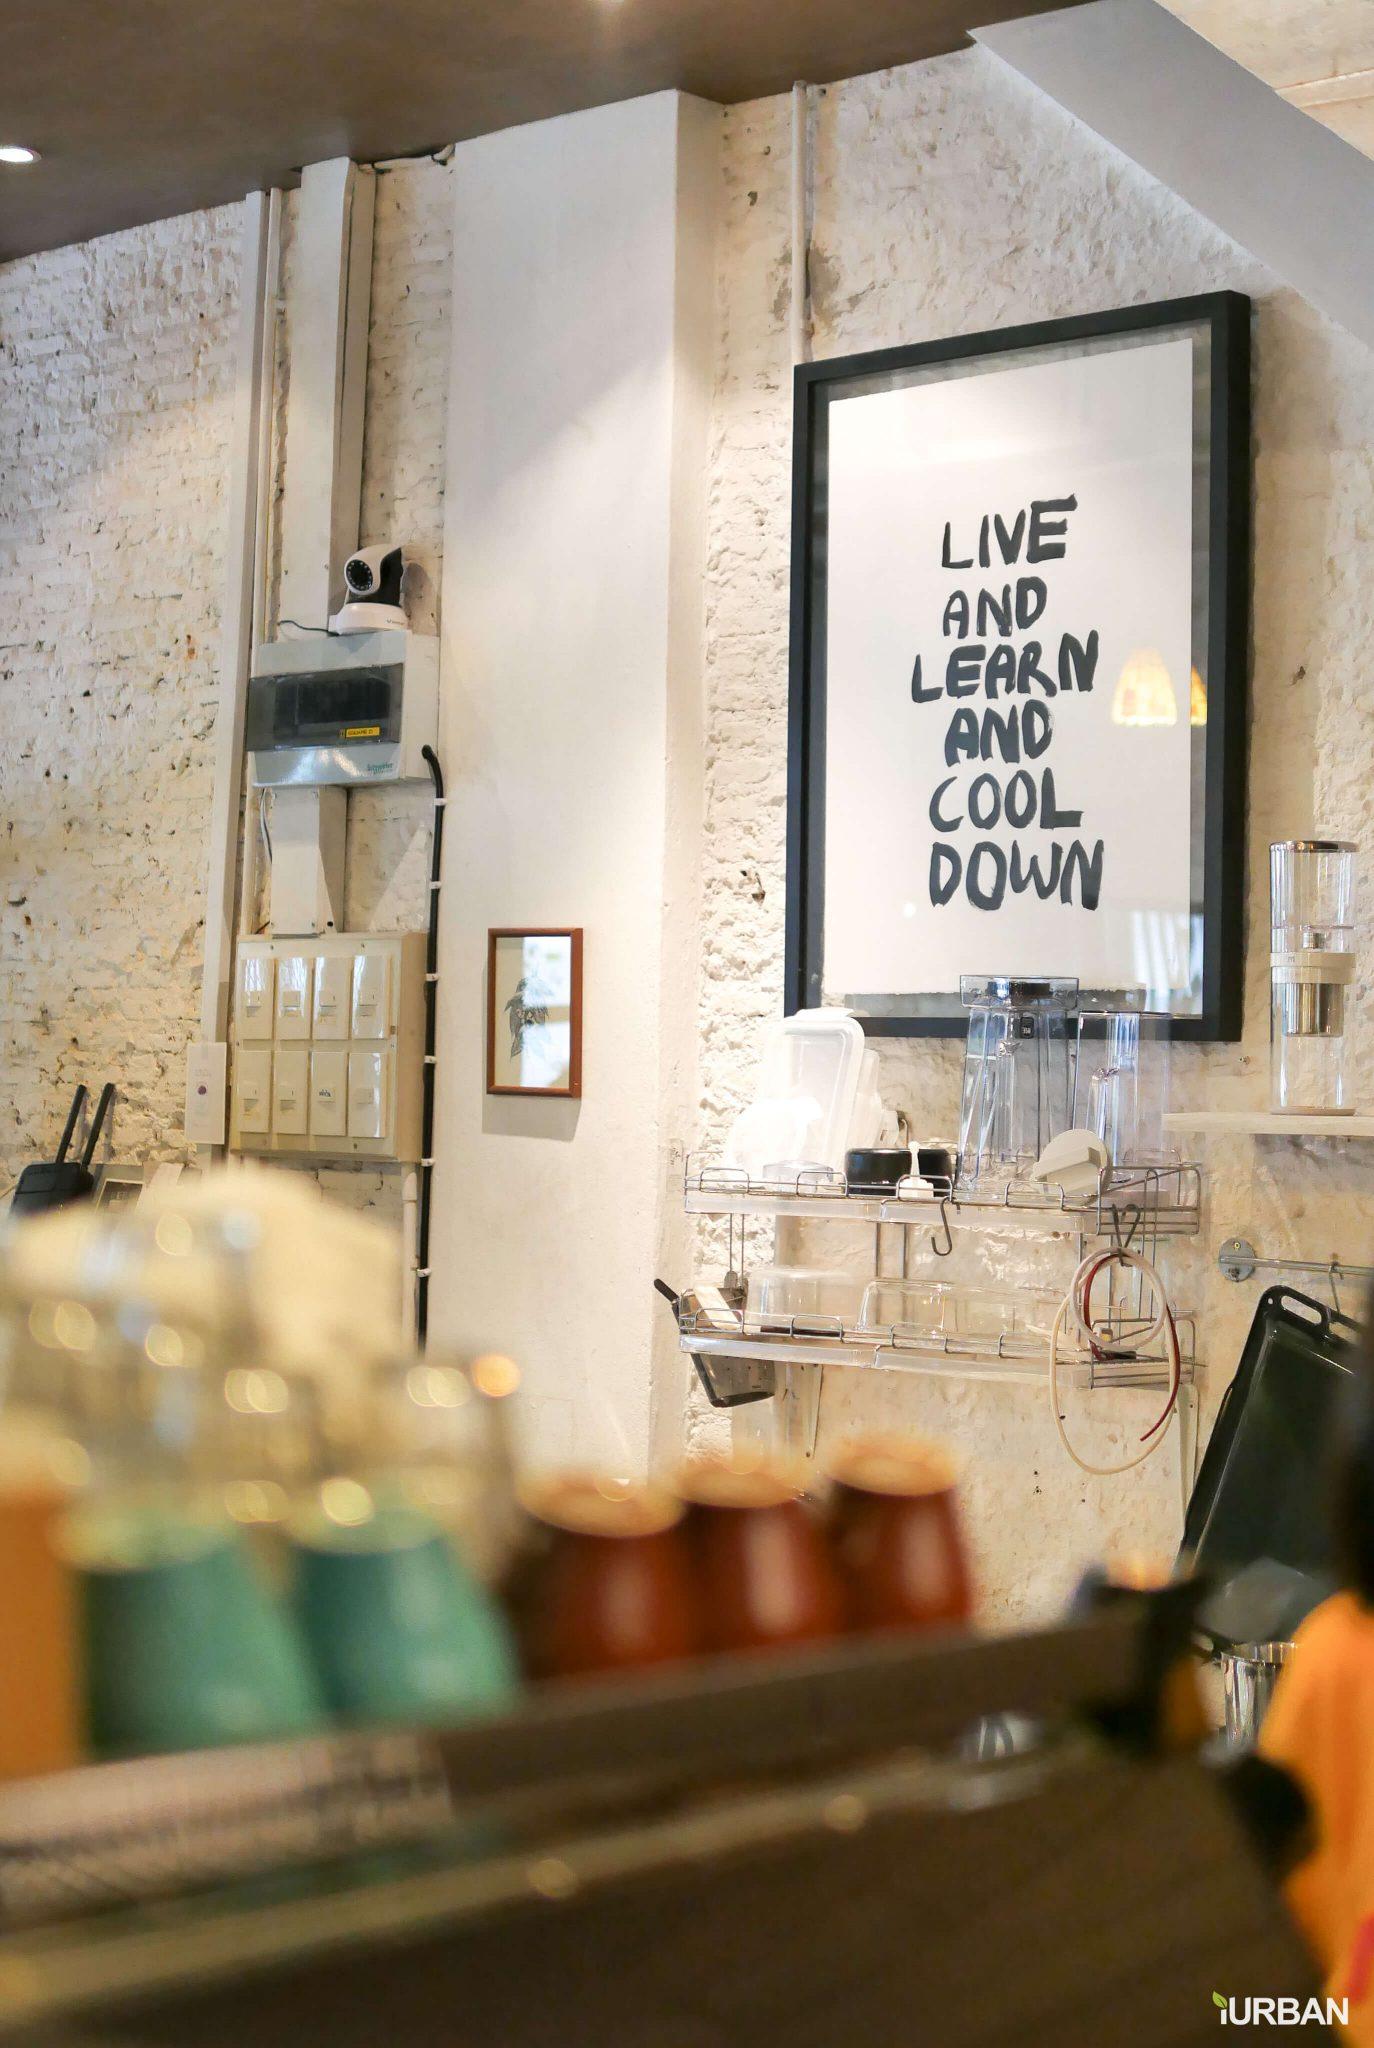 10 ร้านกาแฟ ทองหล่อ - เอกมัย เครื่องดื่มเด็ด บรรยากาศดี 35 - Ananda Development (อนันดา ดีเวลลอปเม้นท์)